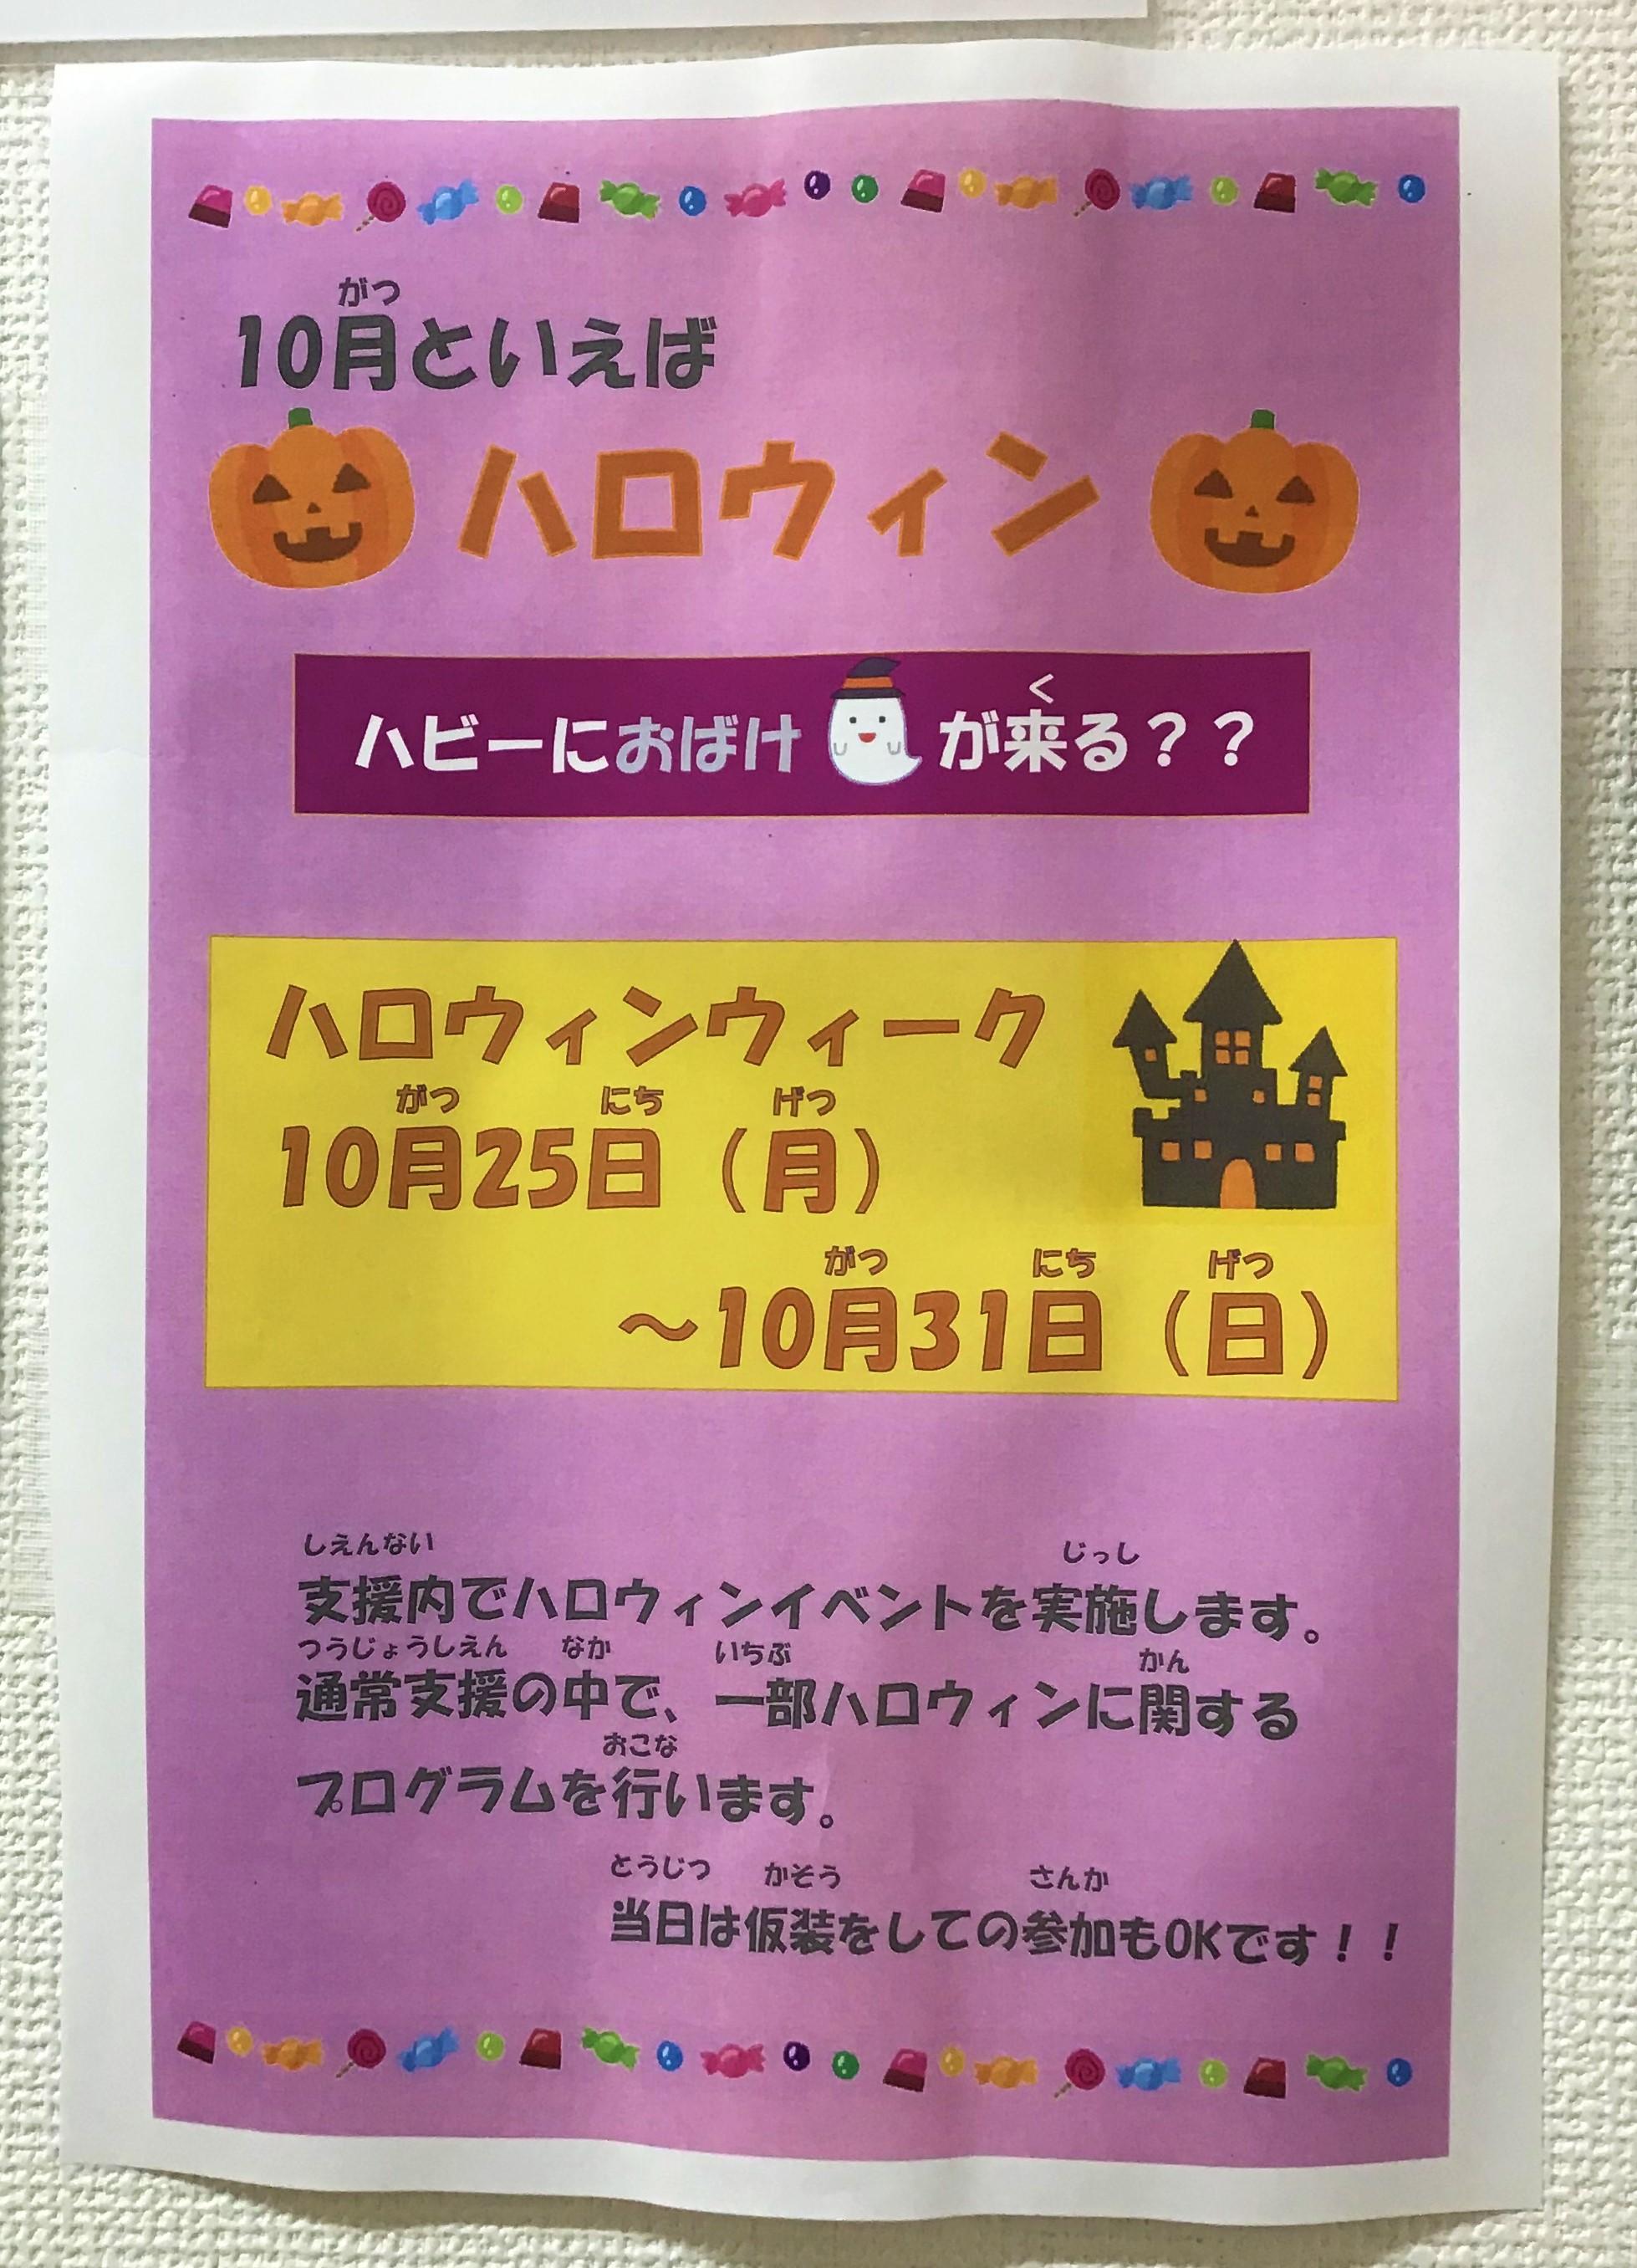 【仙台】ハロウィンウィーク イベントのご案内